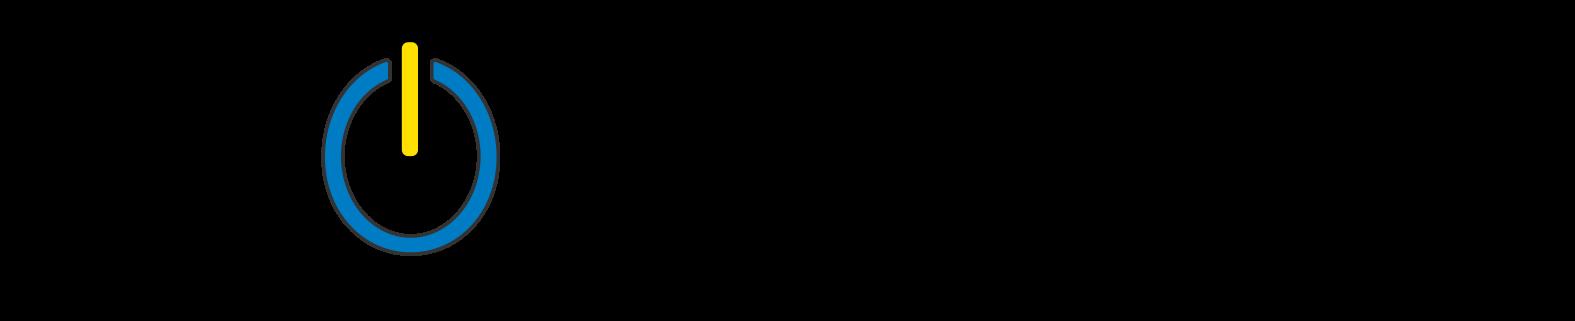 Chosenteens_logo